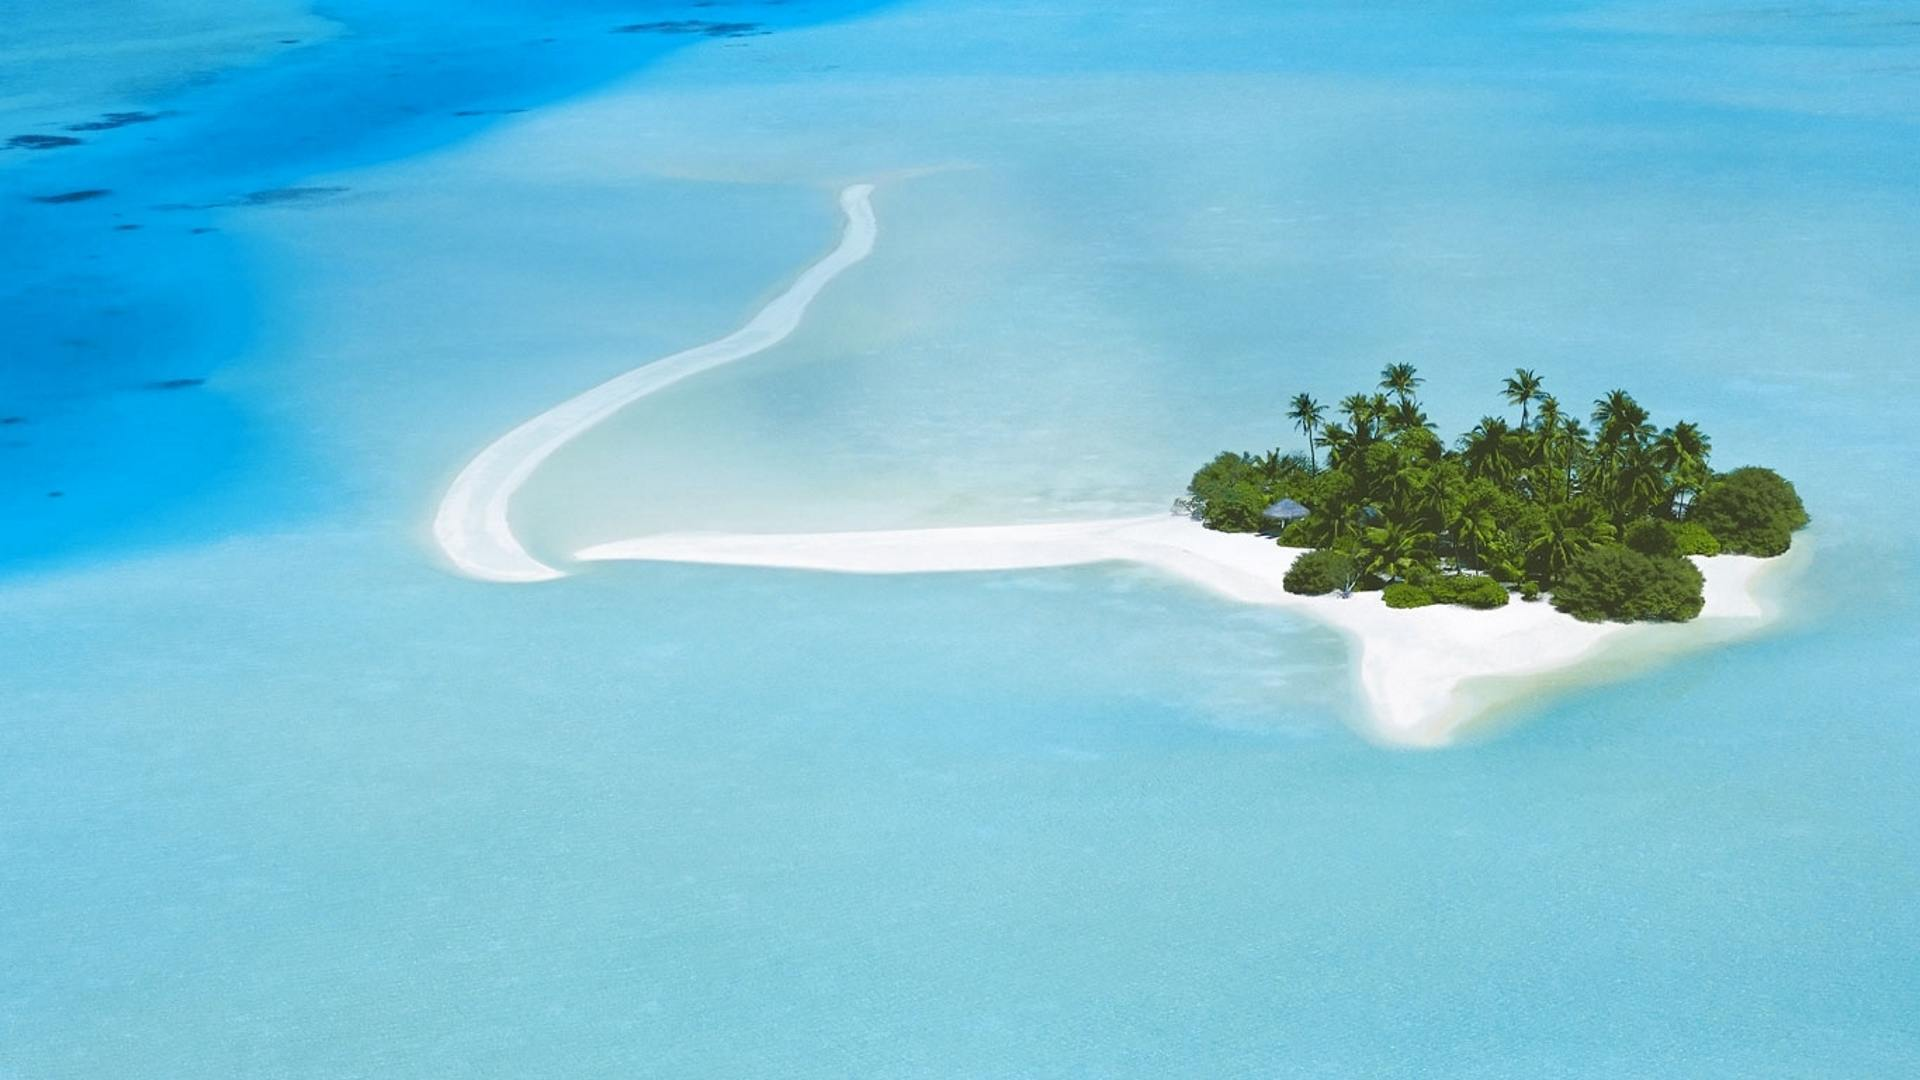 Hình nền bãi biển từ Bing